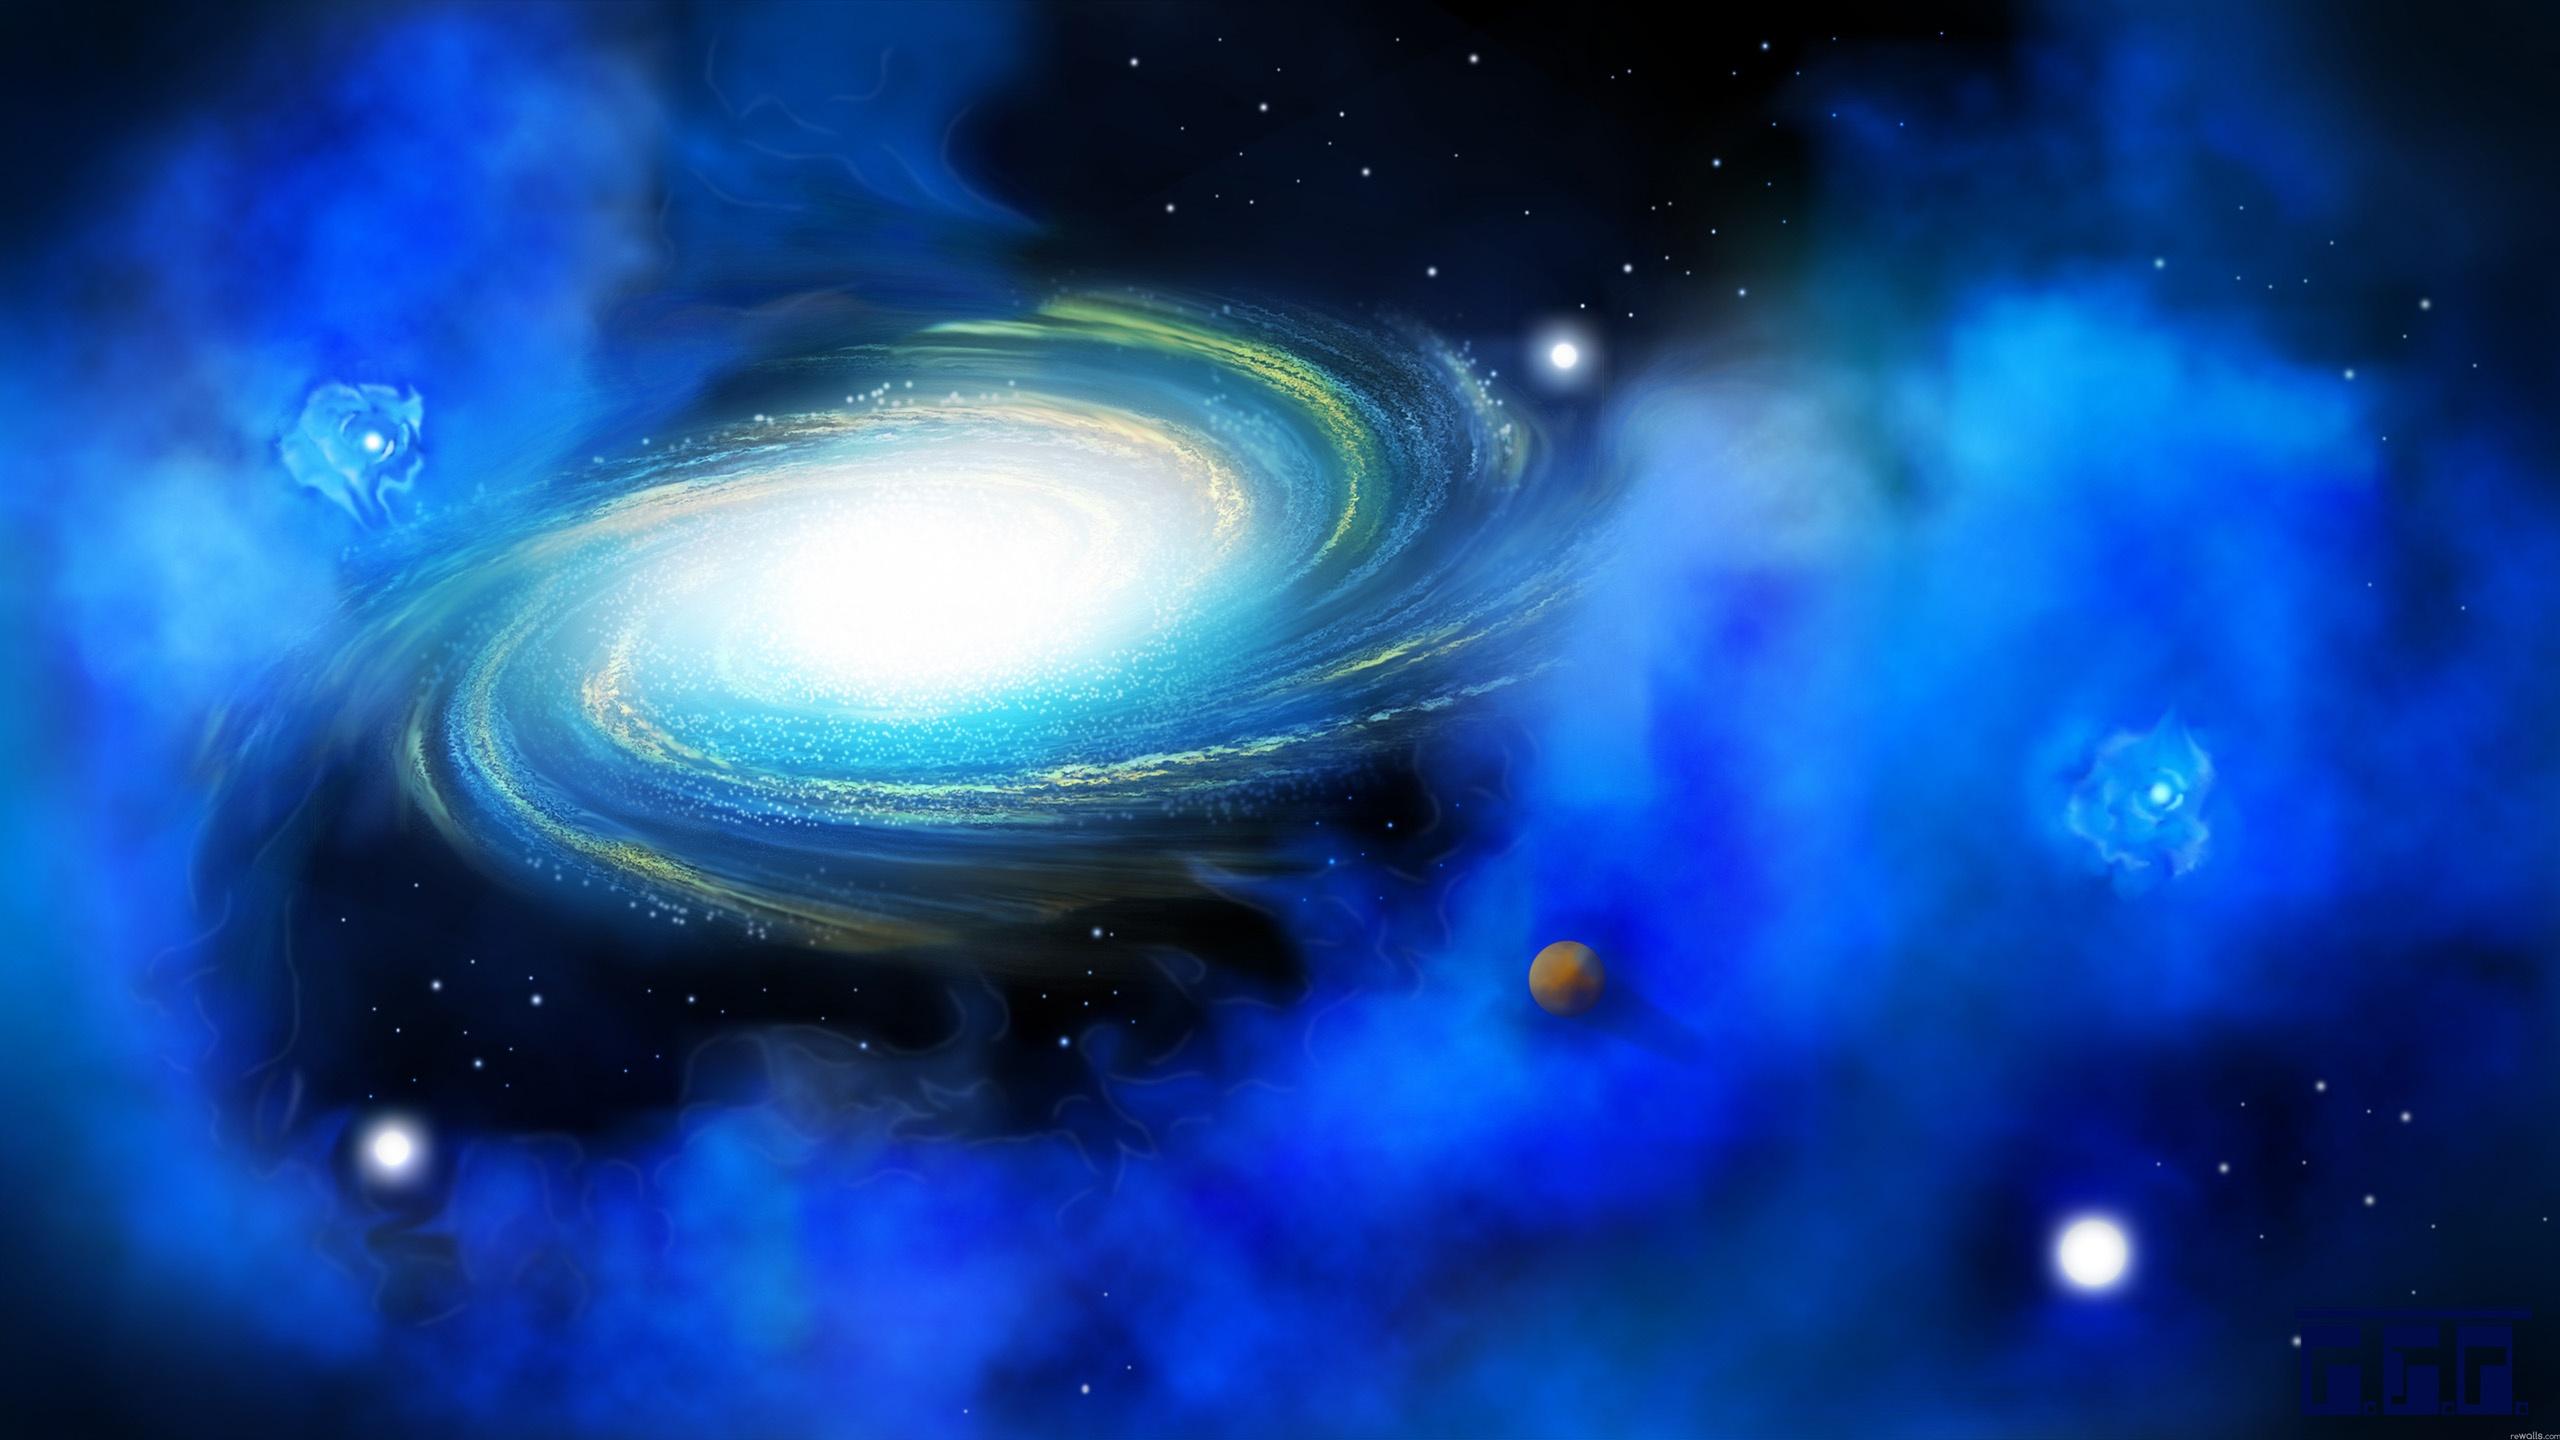 Обои галактика космос свет картинки на рабочий стол на тему Космос - скачать  № 1758601  скачать